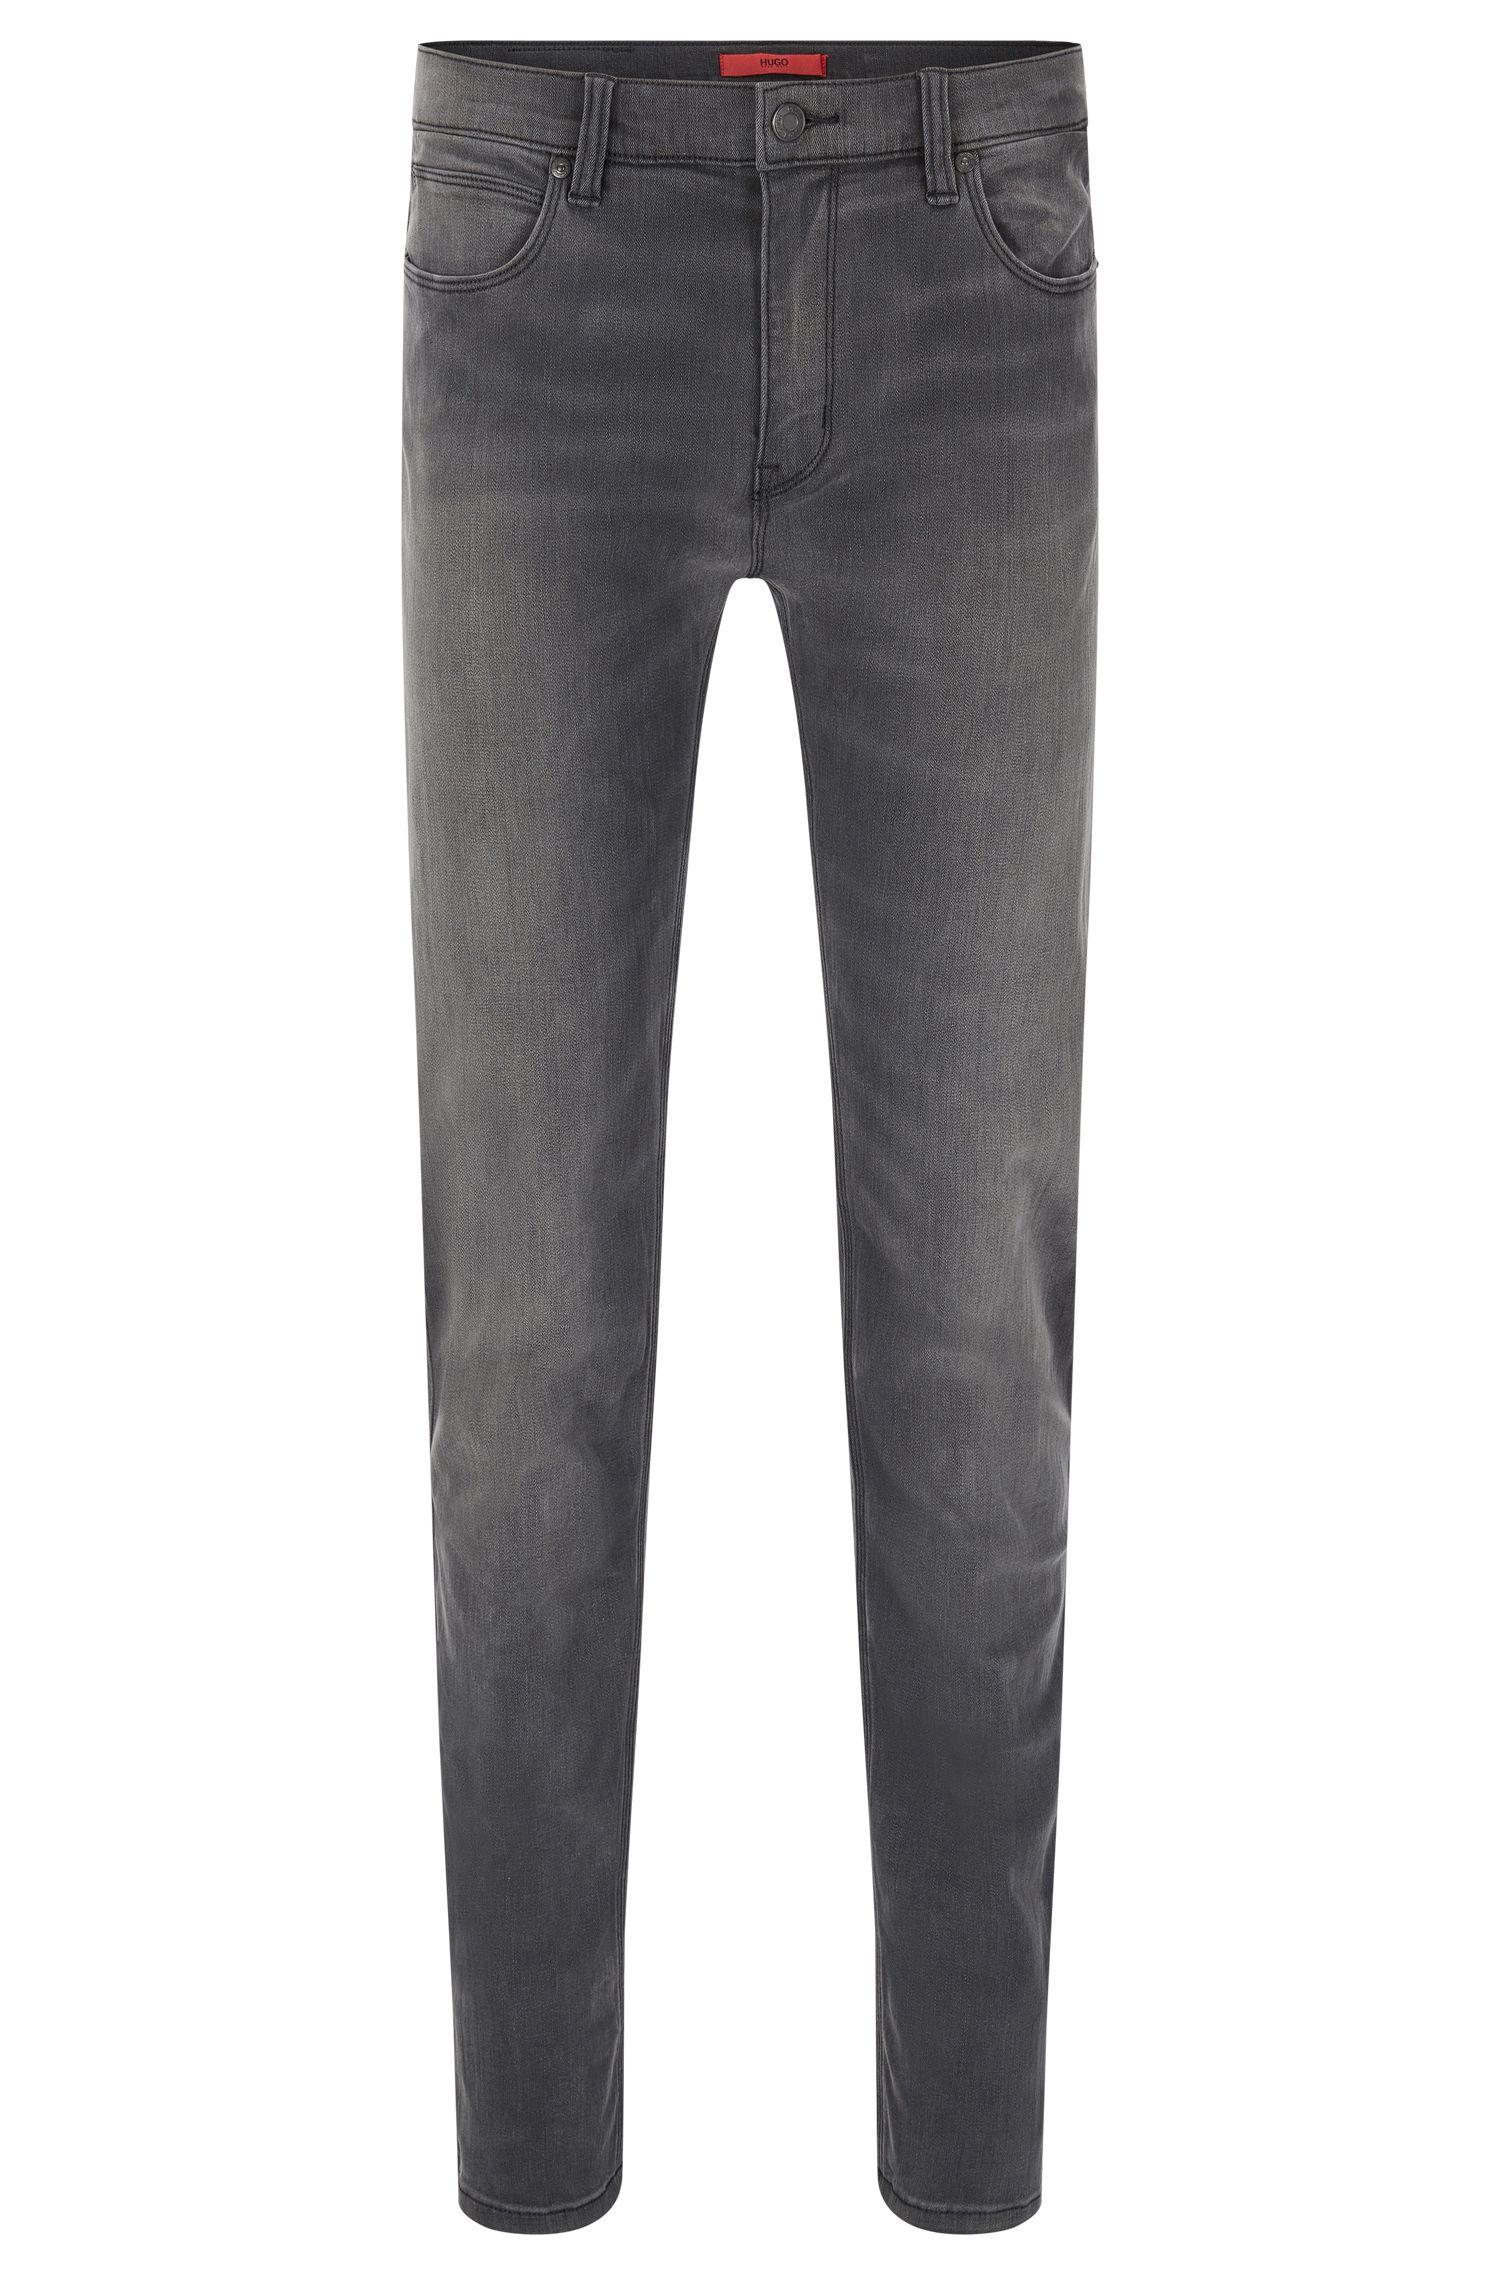 10 oz Brushed Stretch Cotton Jeans, Slim Fit | Hugo 708